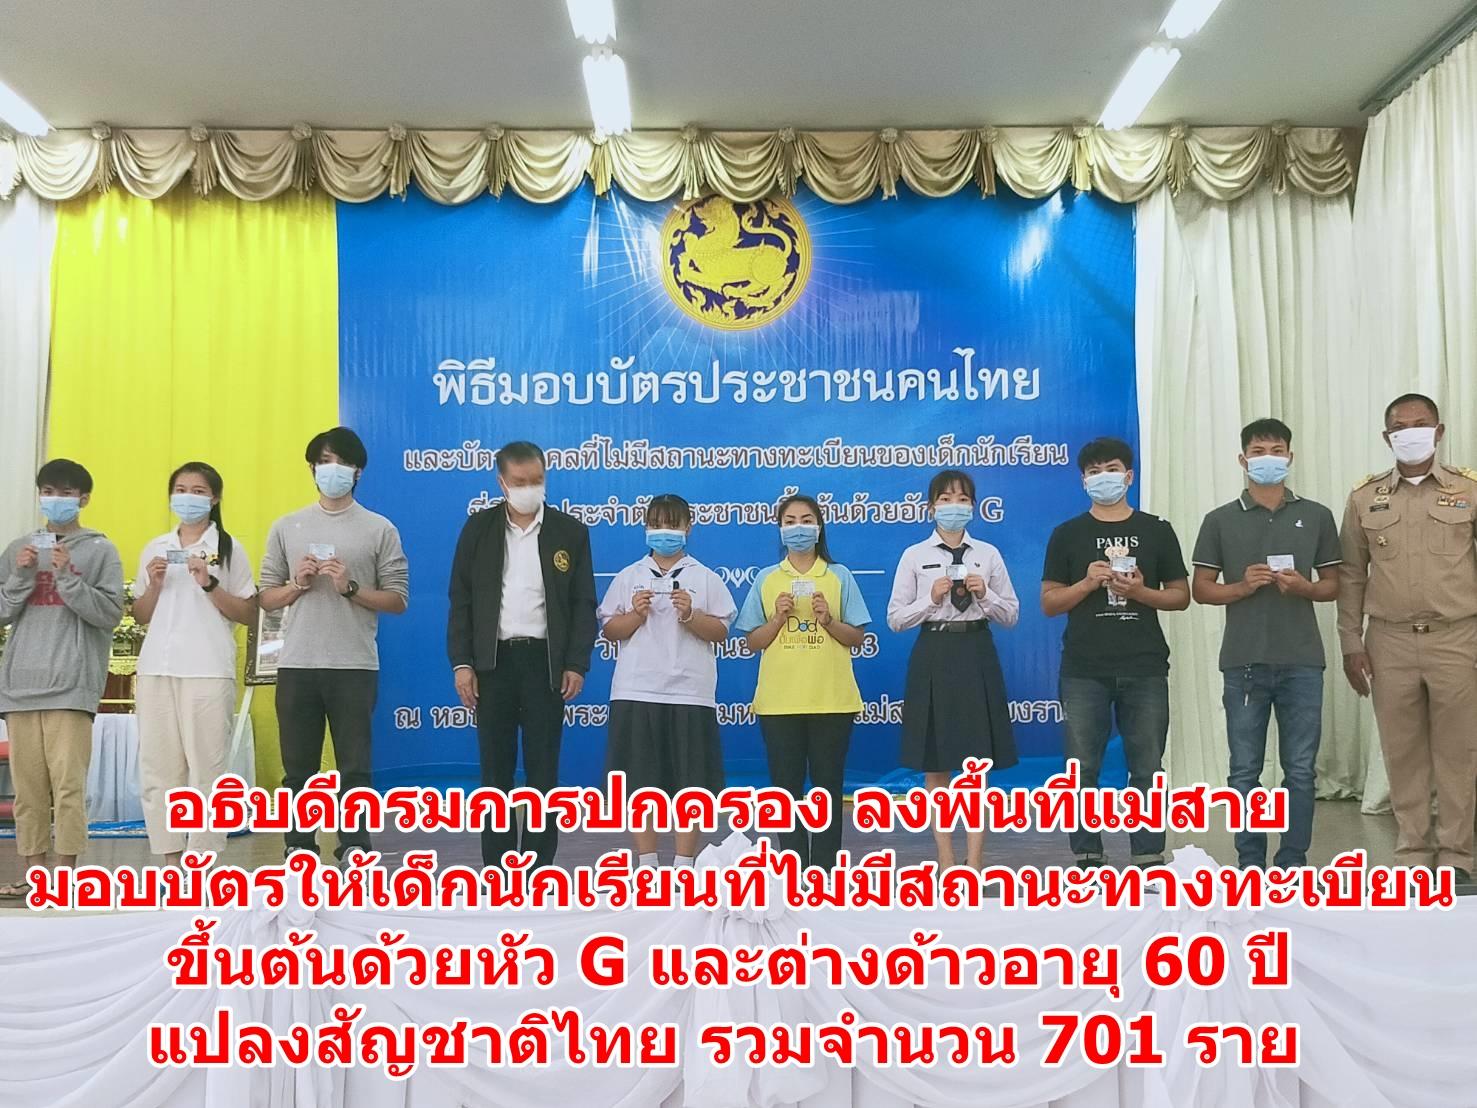 (คลิป)อธิบดีกรมการปกครอง ลงพื้นที่แม่สาย มอบบัตรให้เด็กนักเรียนที่ไม่มีสถานะทางทะเบียน ขึ้นต้นด้วยหัว G และต่างด้าวอายุ 60 ปี แปลงสัญชาติไทย รวมจำนวน 701 ราย